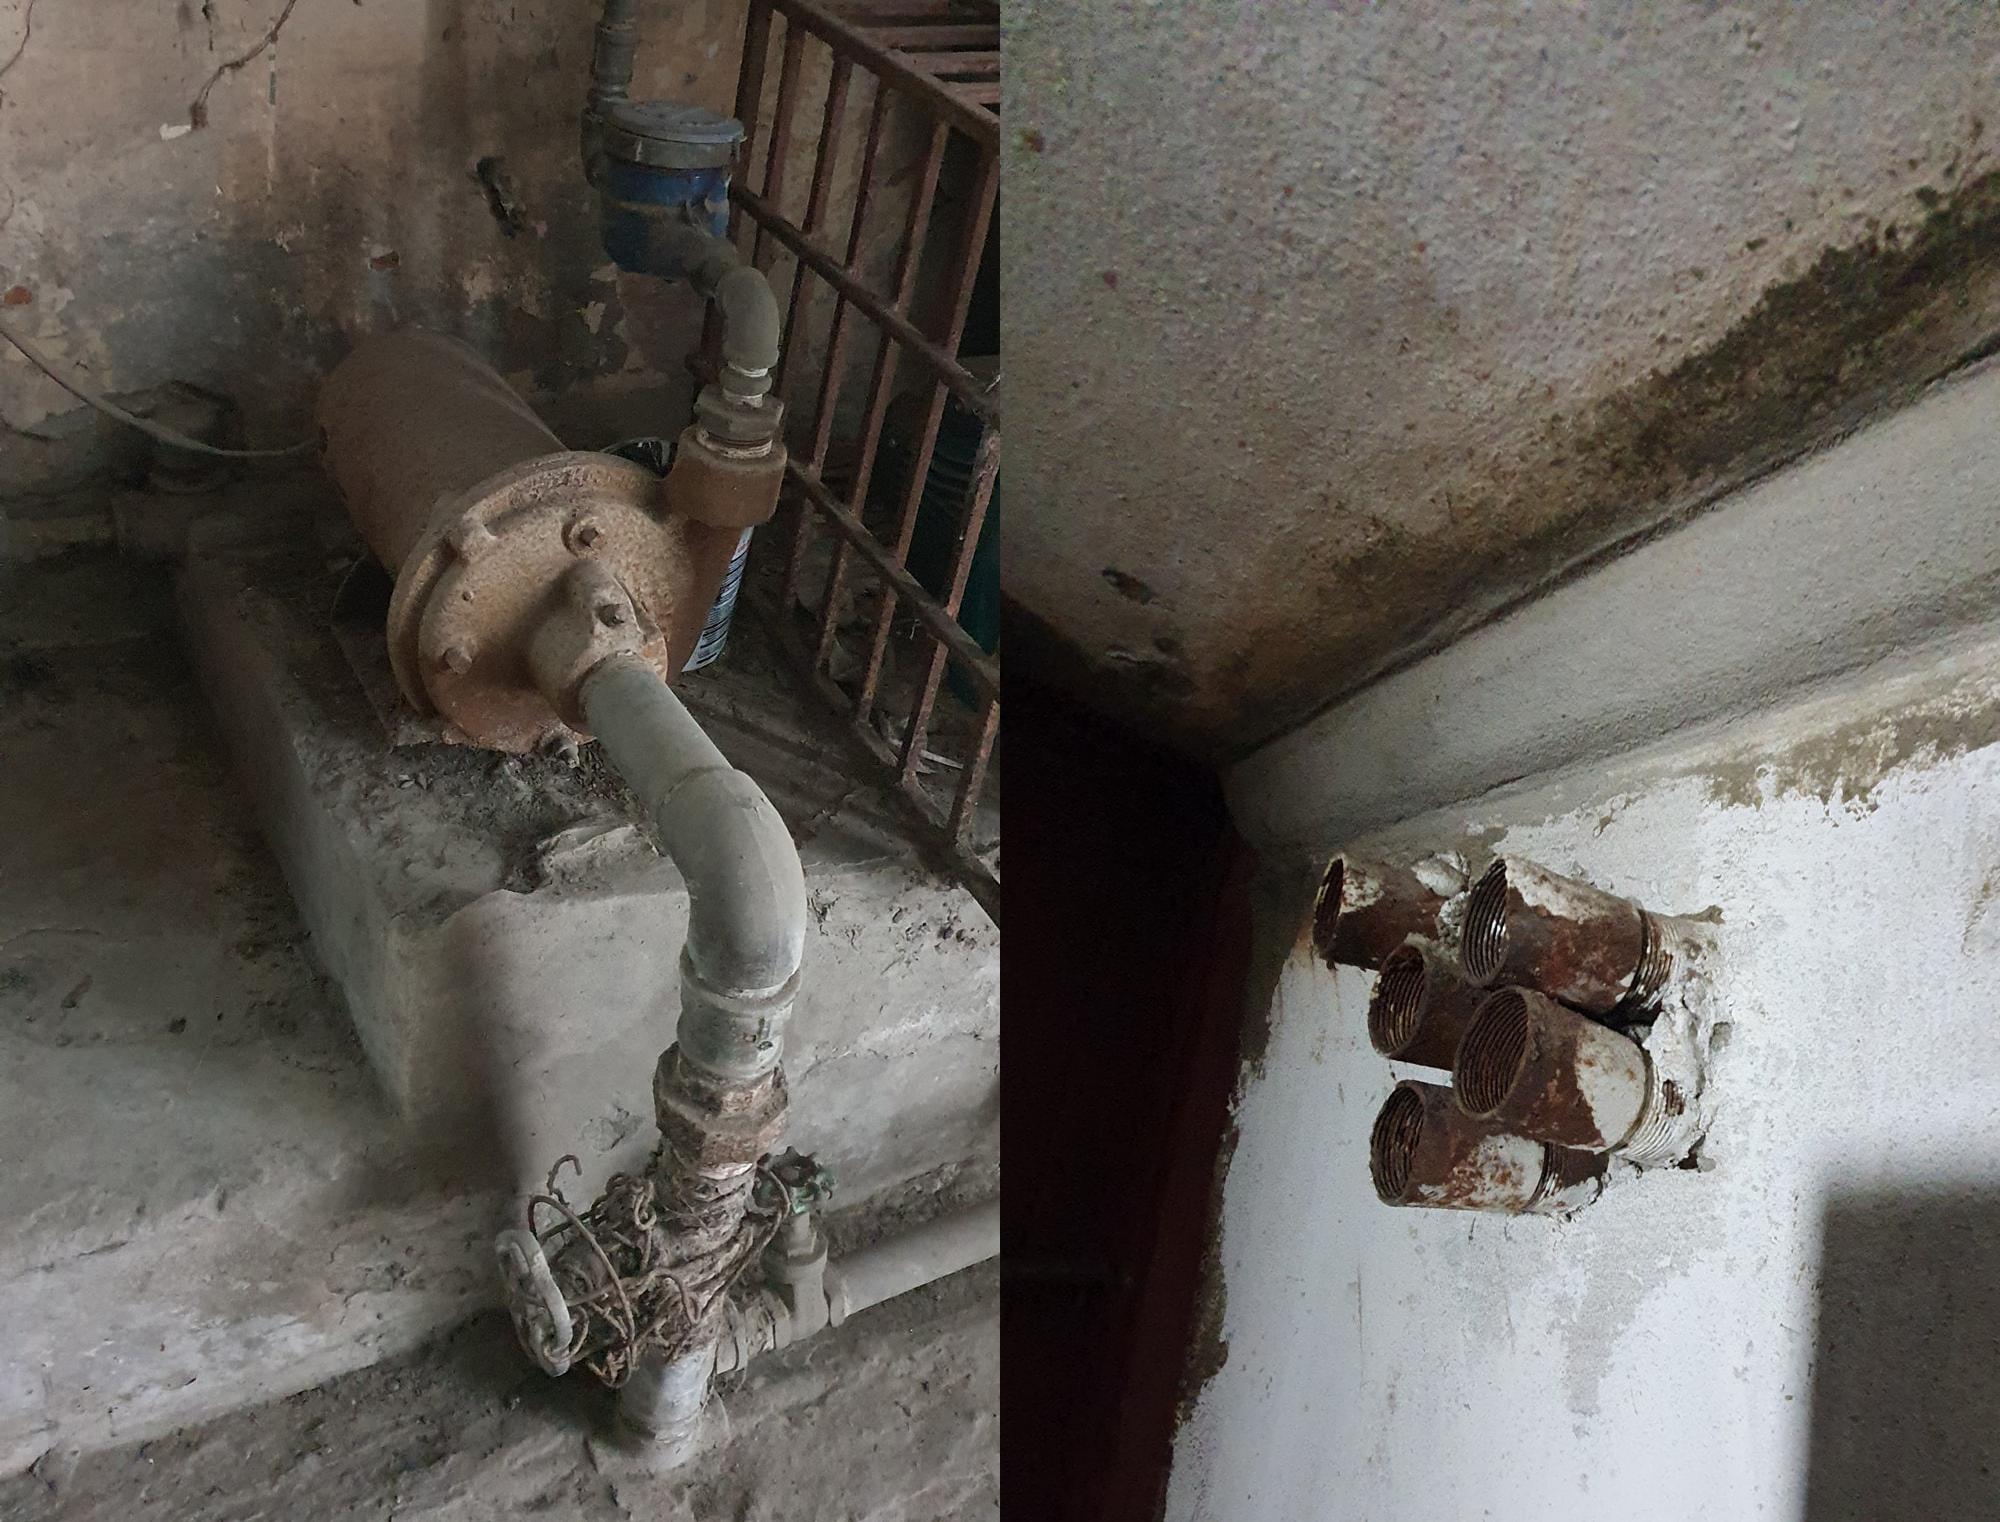 Máy bơi nước sản xuất tại Pháp từ thời Pháp thuộc đến này vẫn hoạt động (trái), và hệ thống điện được đi ngầm có ông ghen thép chôn trong tường, điện ngầm ở sàn nhà, thậm chí cả ồ điện âm sàn bằng đồng.